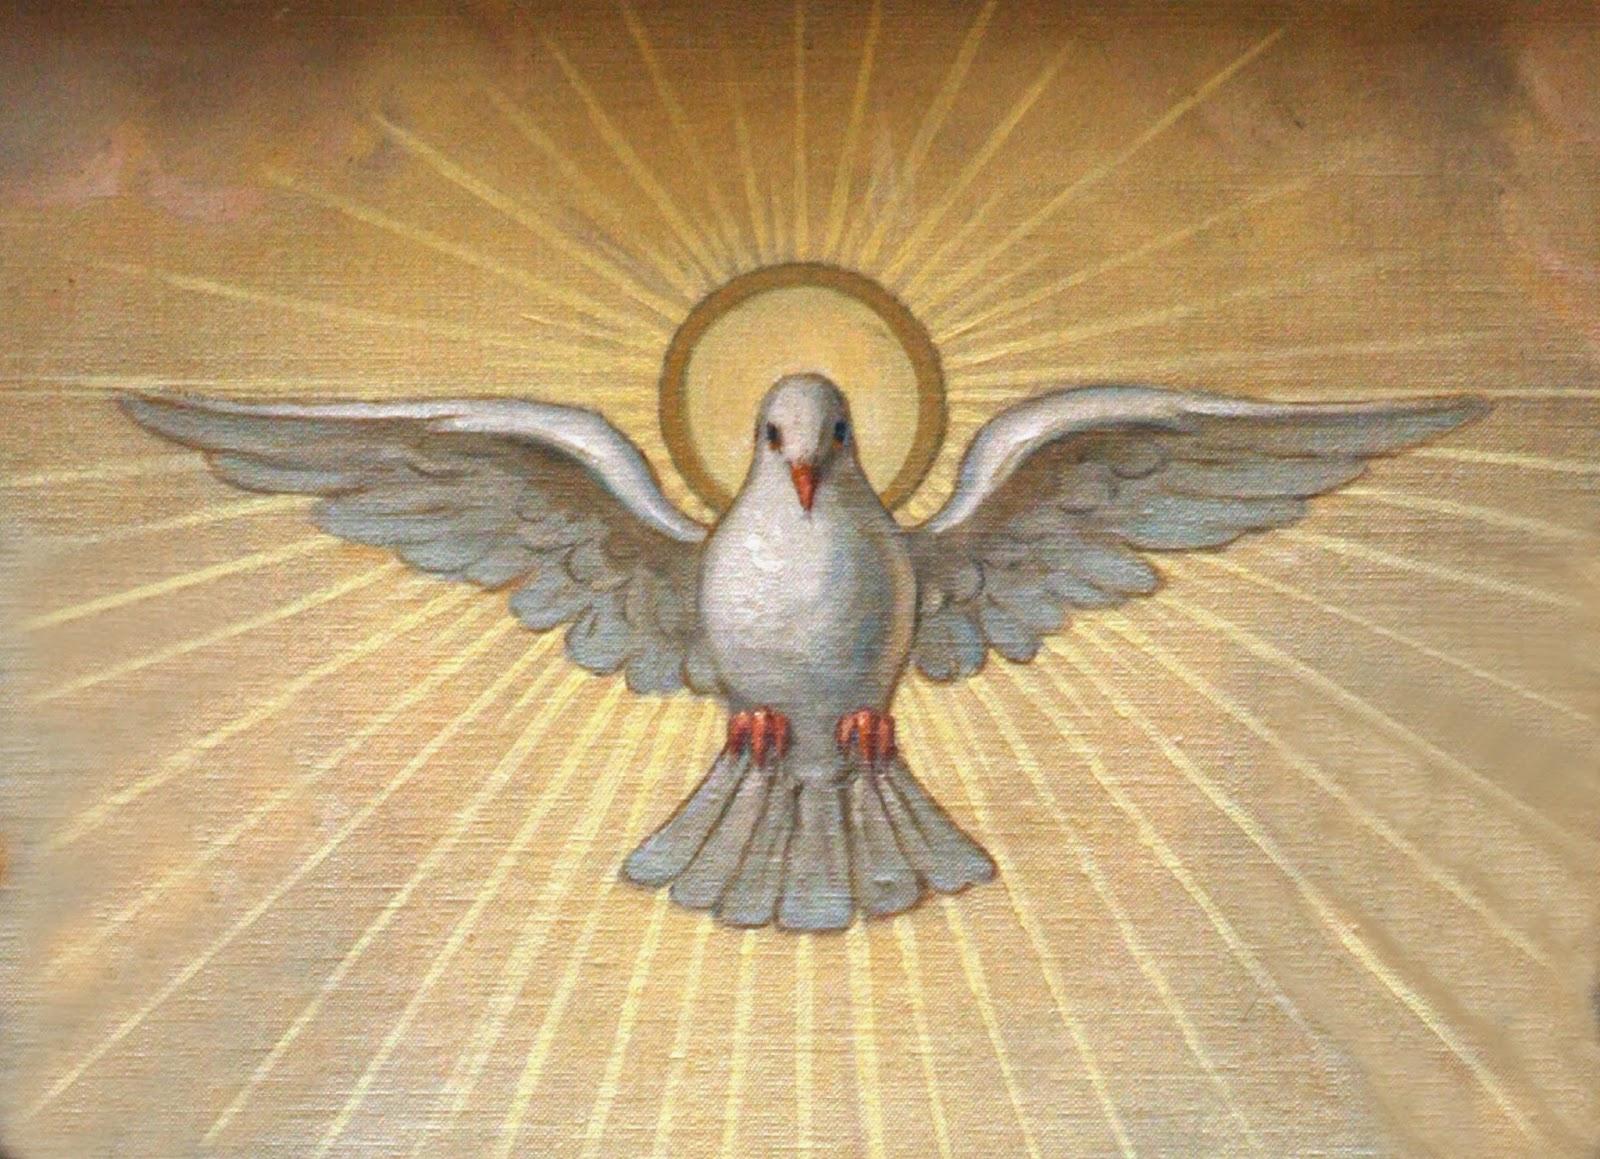 Dones del espíritu santo más representativos